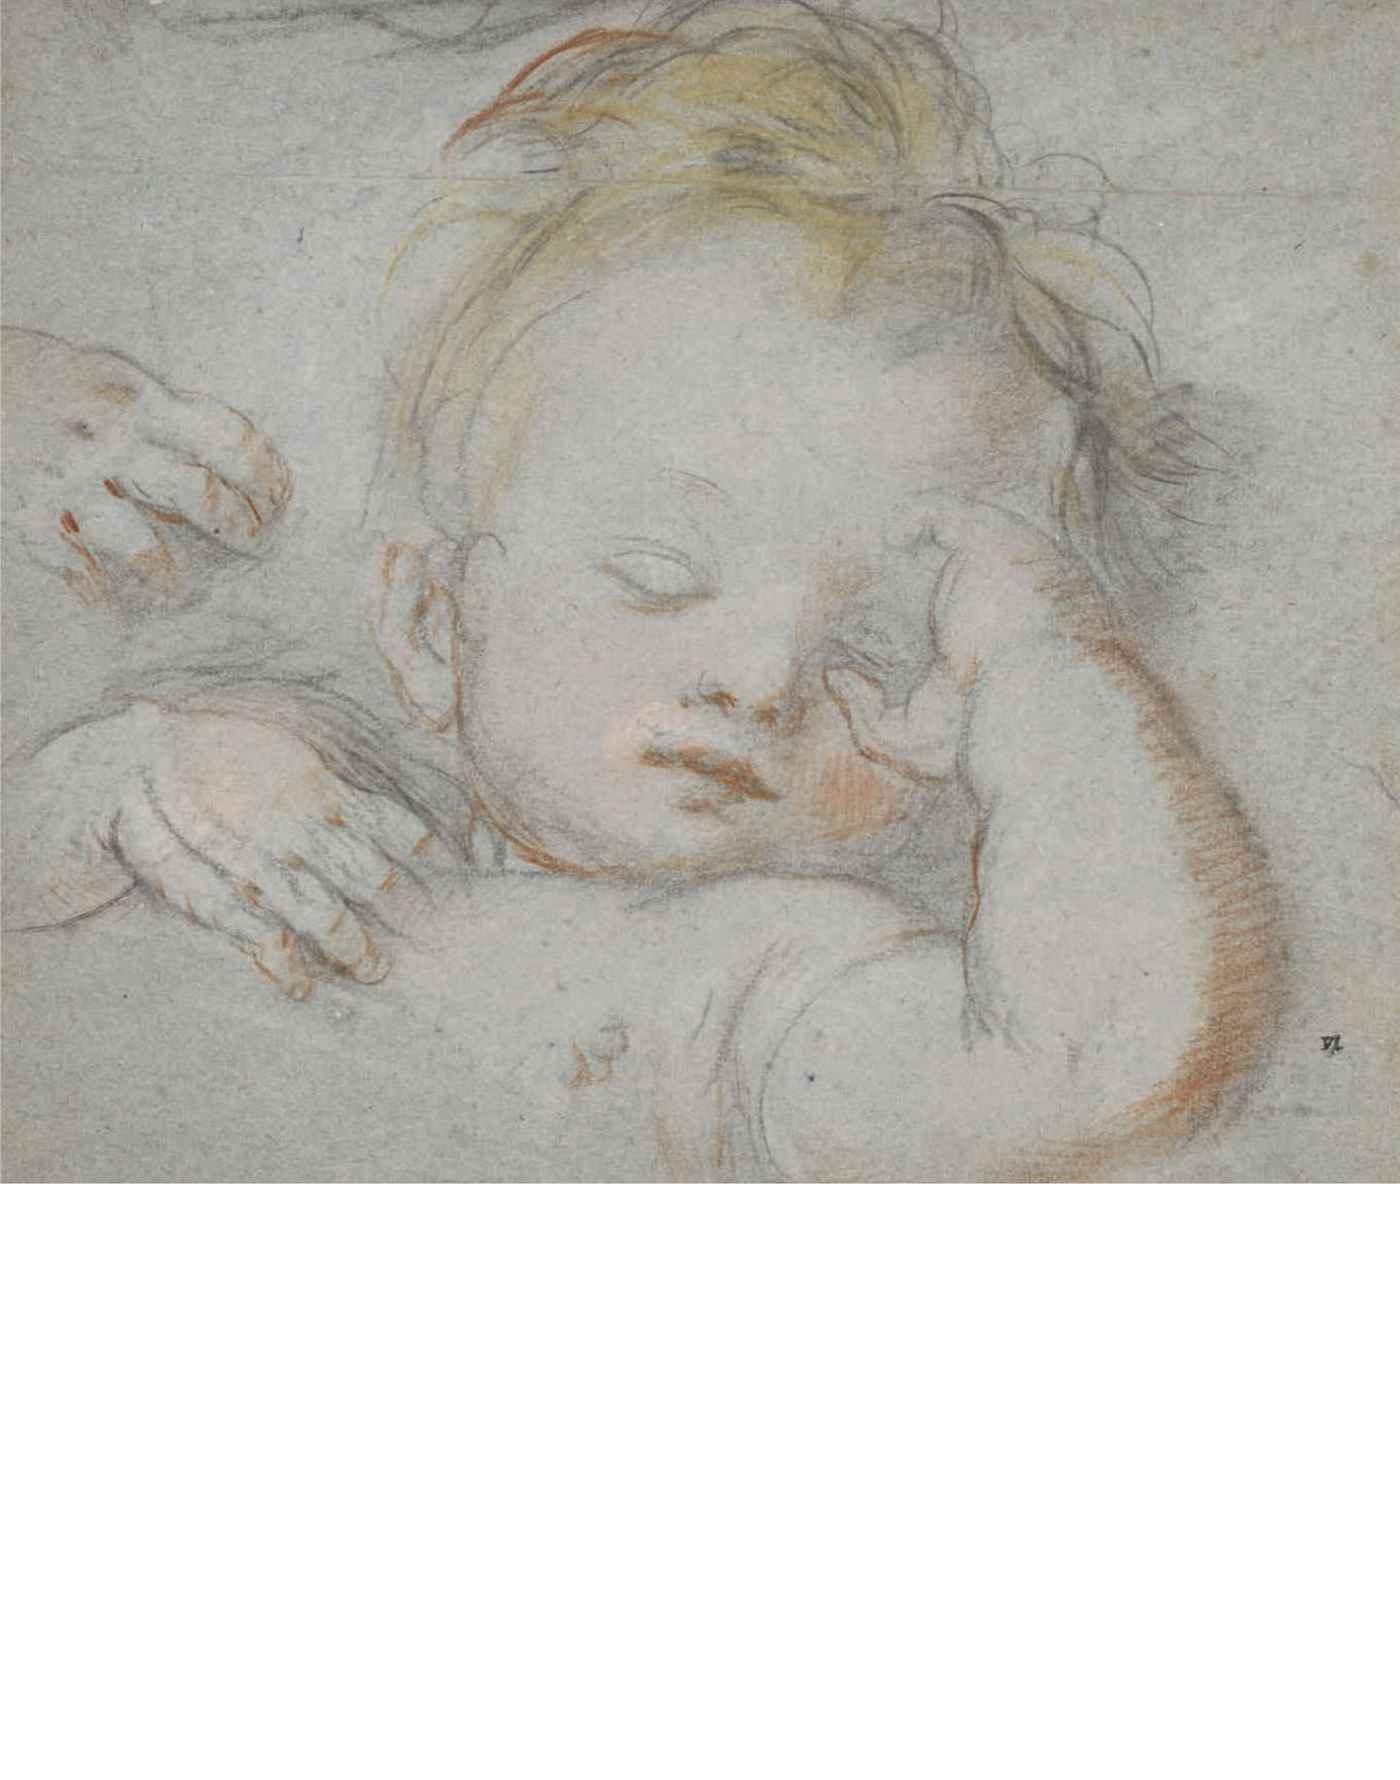 Dessins anciens et du XIXe siè auction at Christies